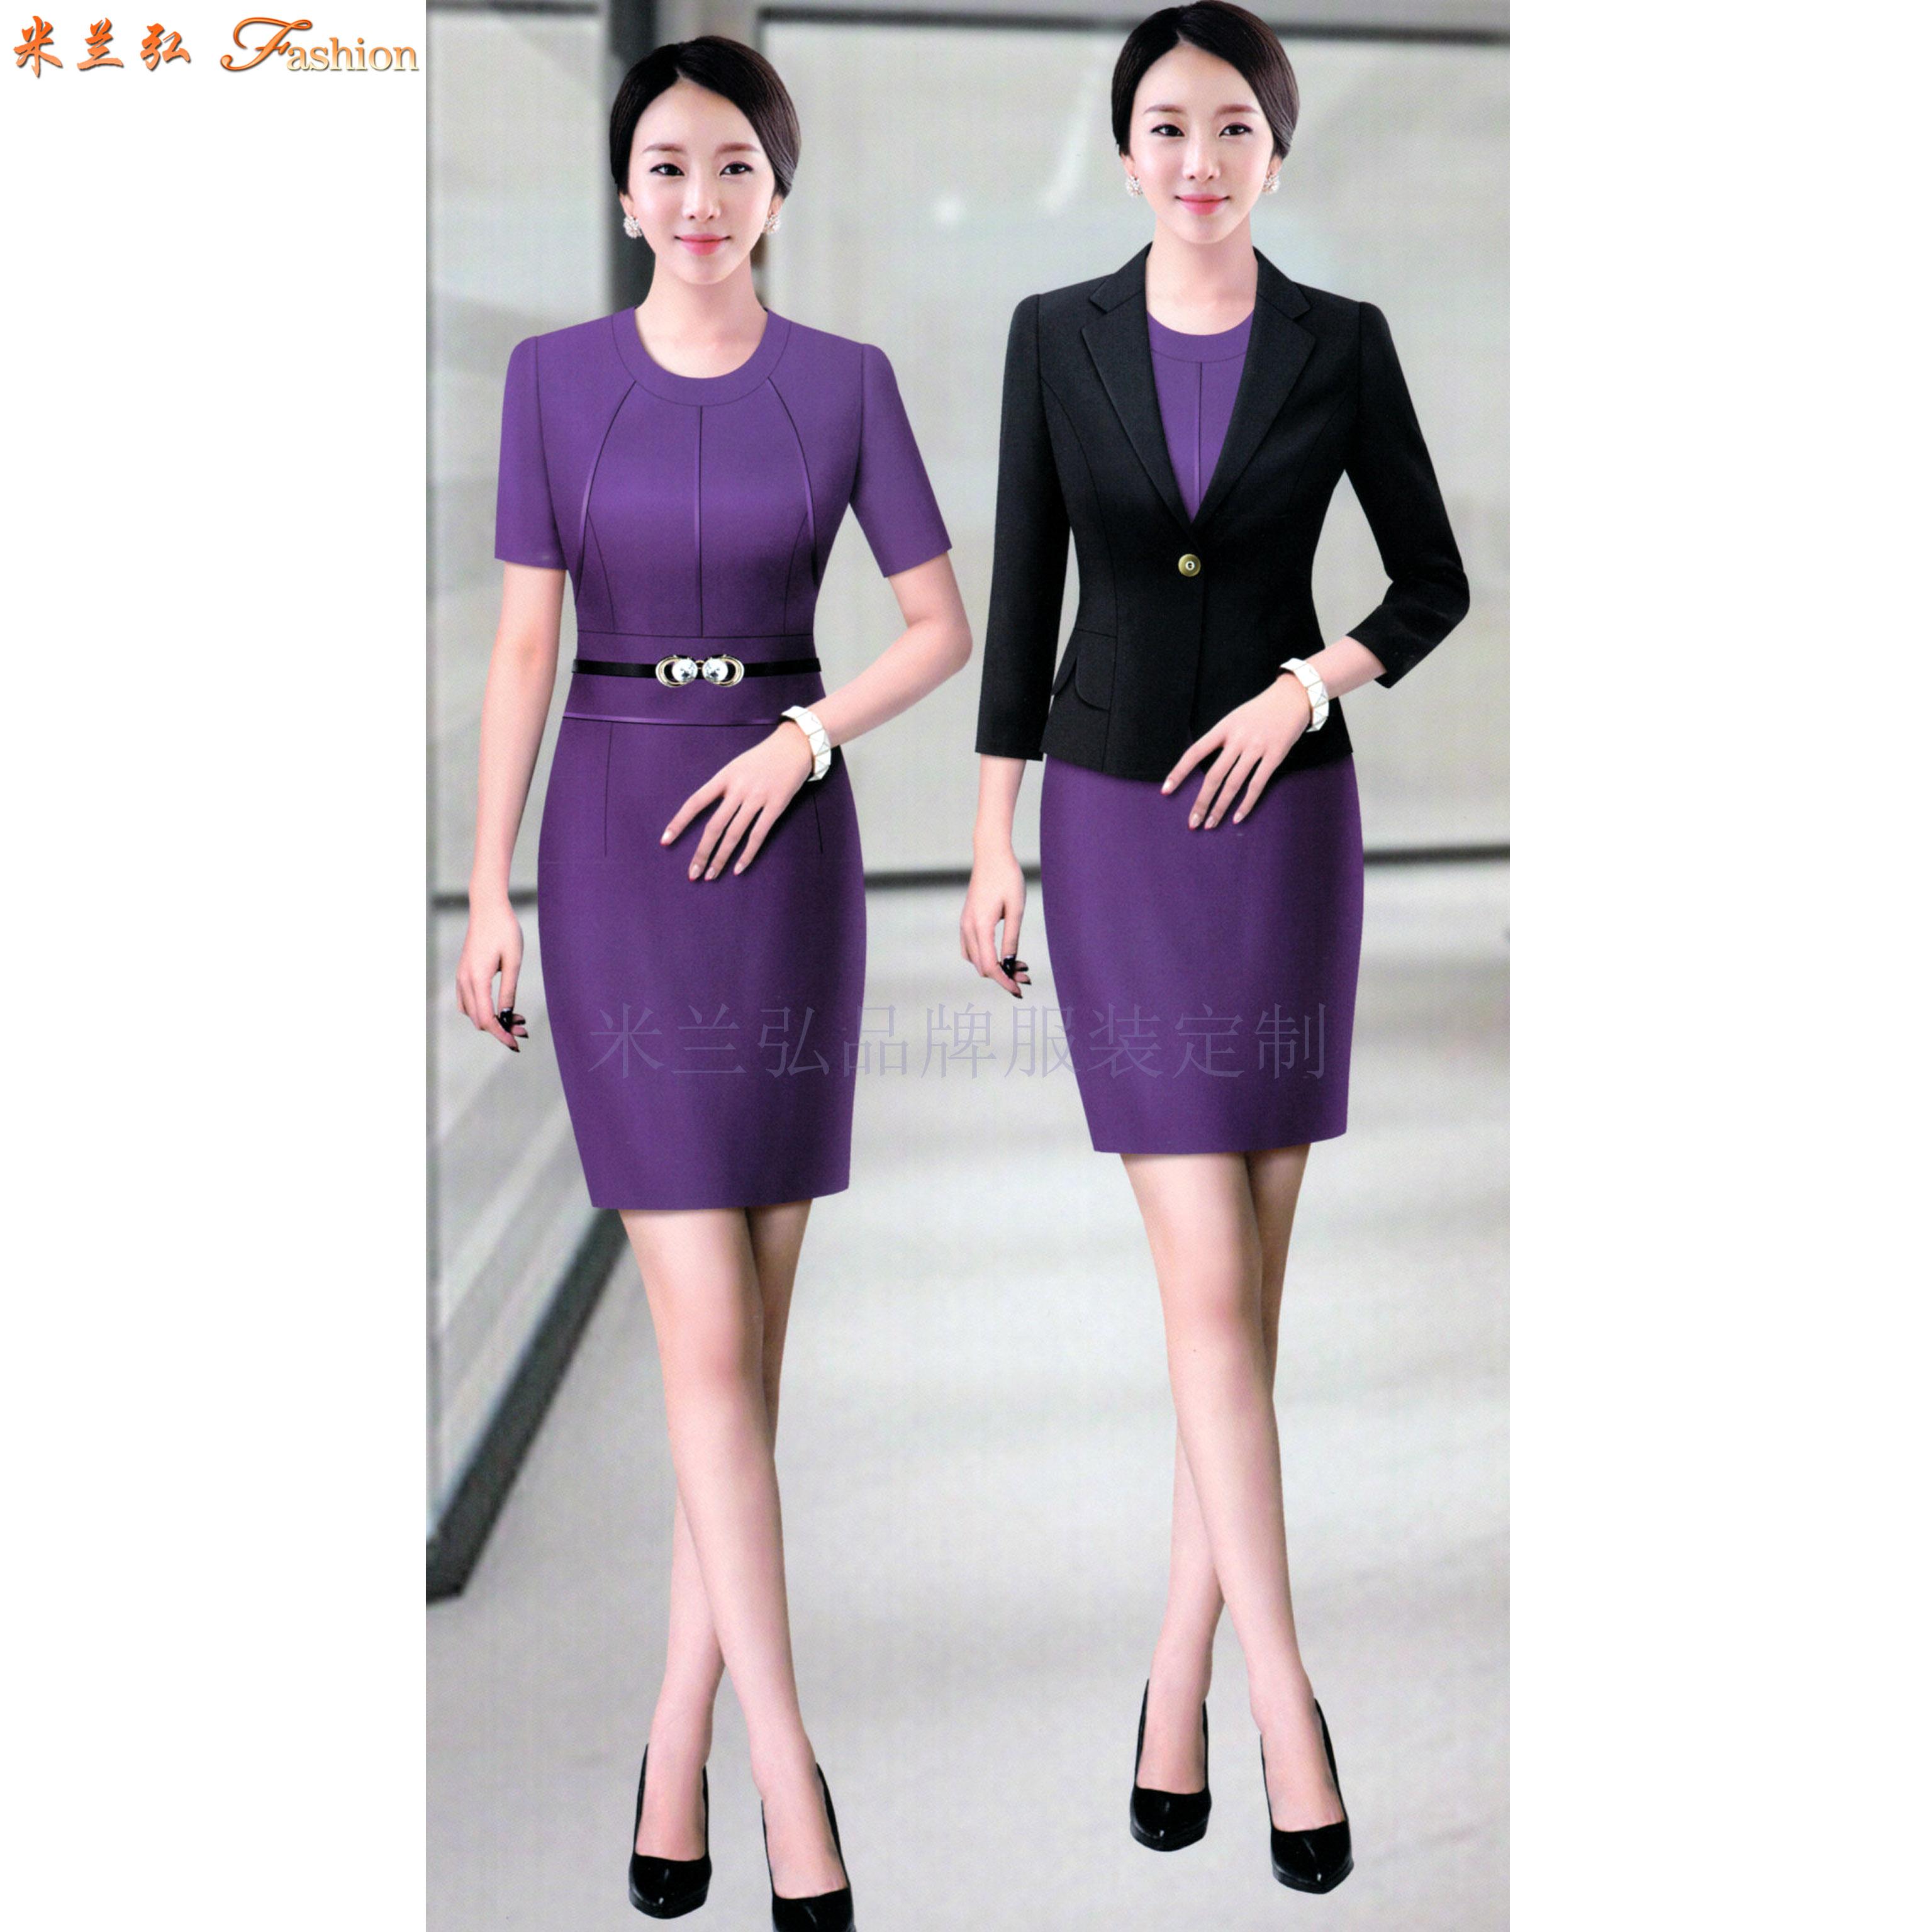 「女式西服職業裝」連衣職業裝套裙-米蘭弘服裝廠家-1